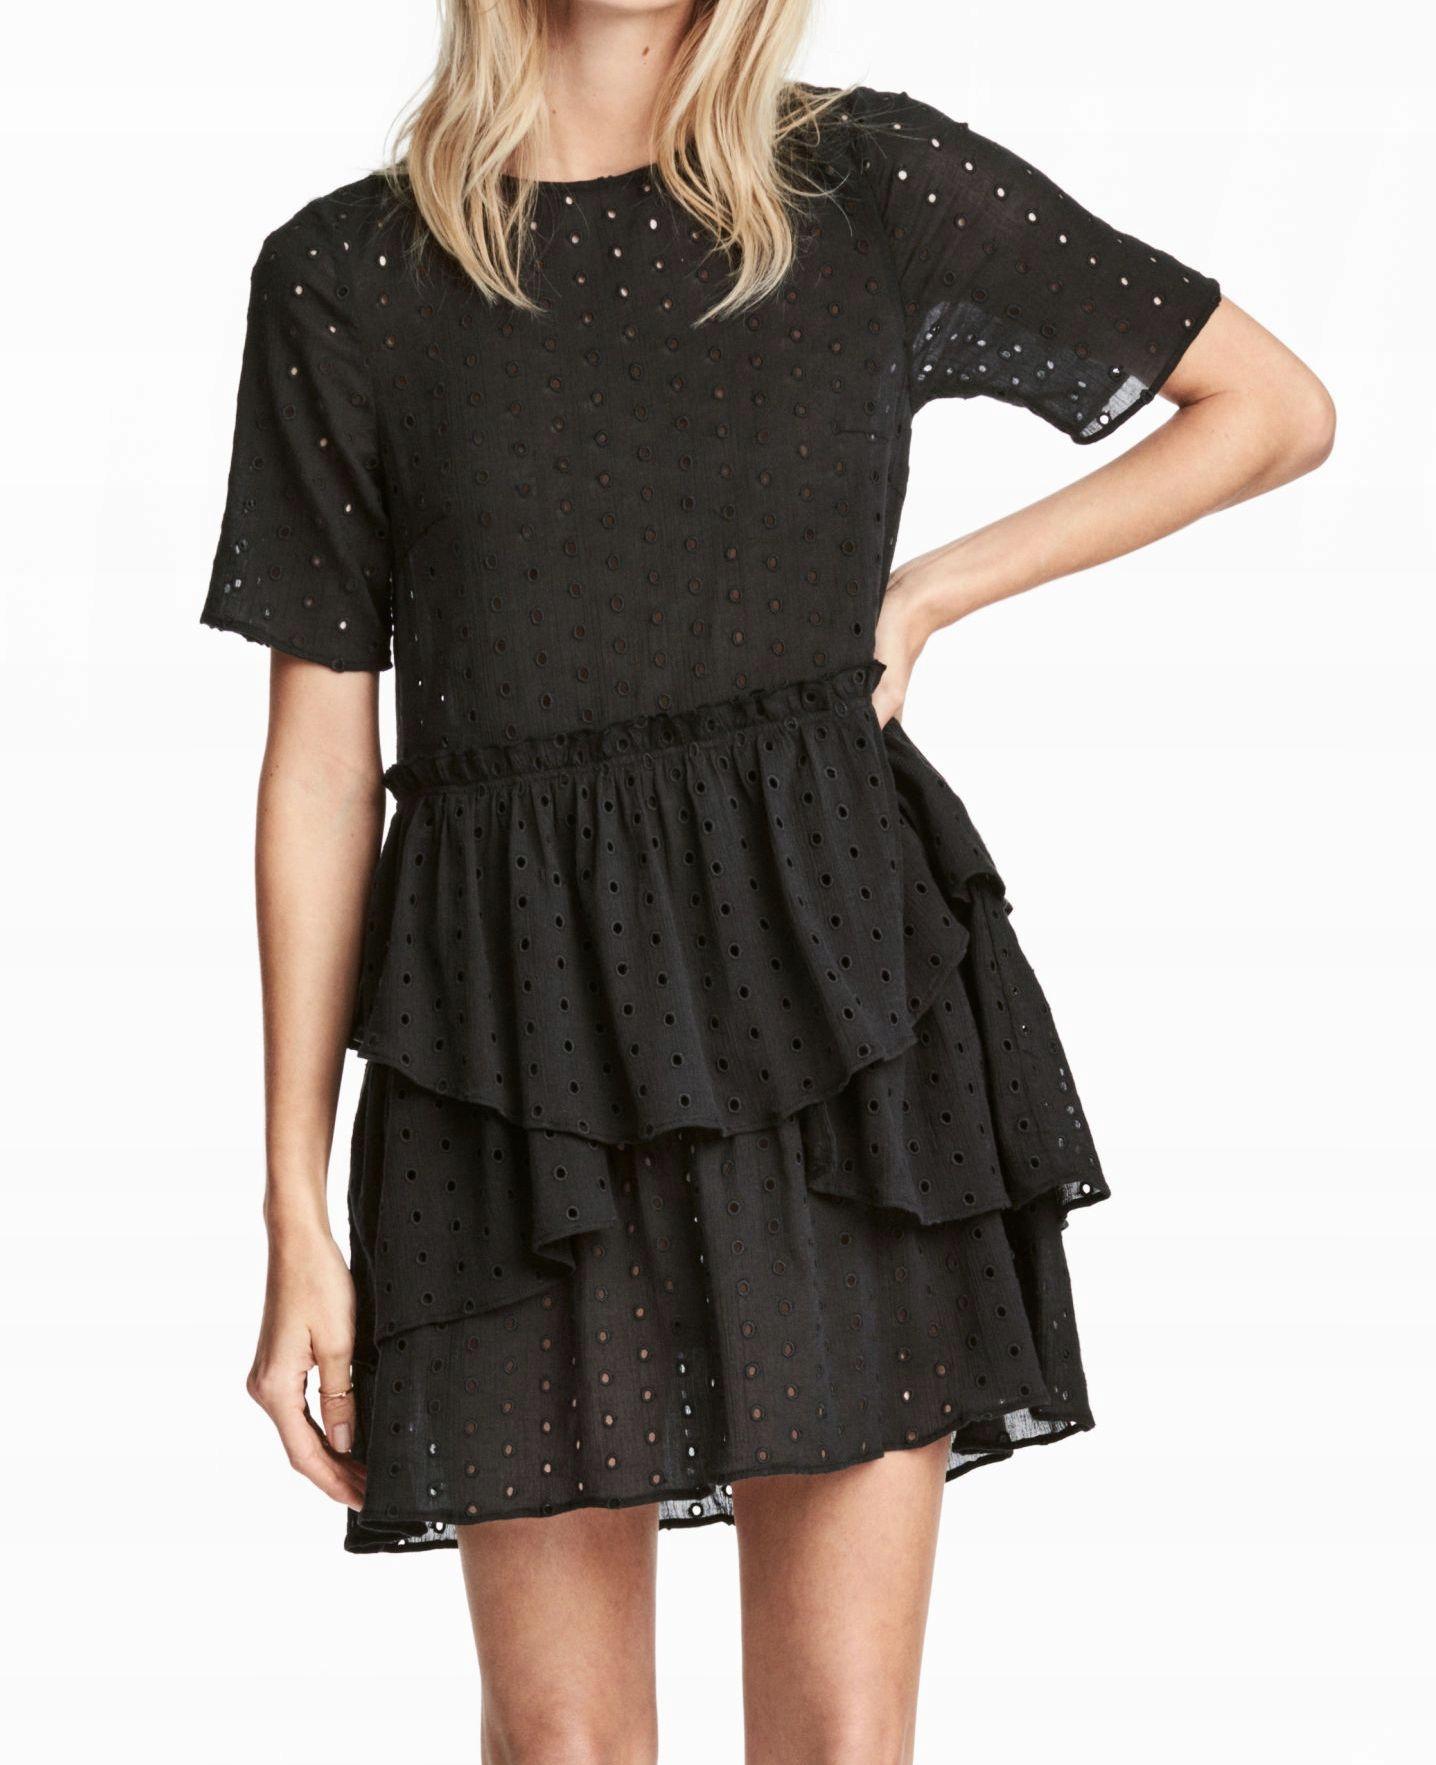 1263c5303c H M czarna sukienka z ażurowym haftem 44 XXL - 7670216418 ...